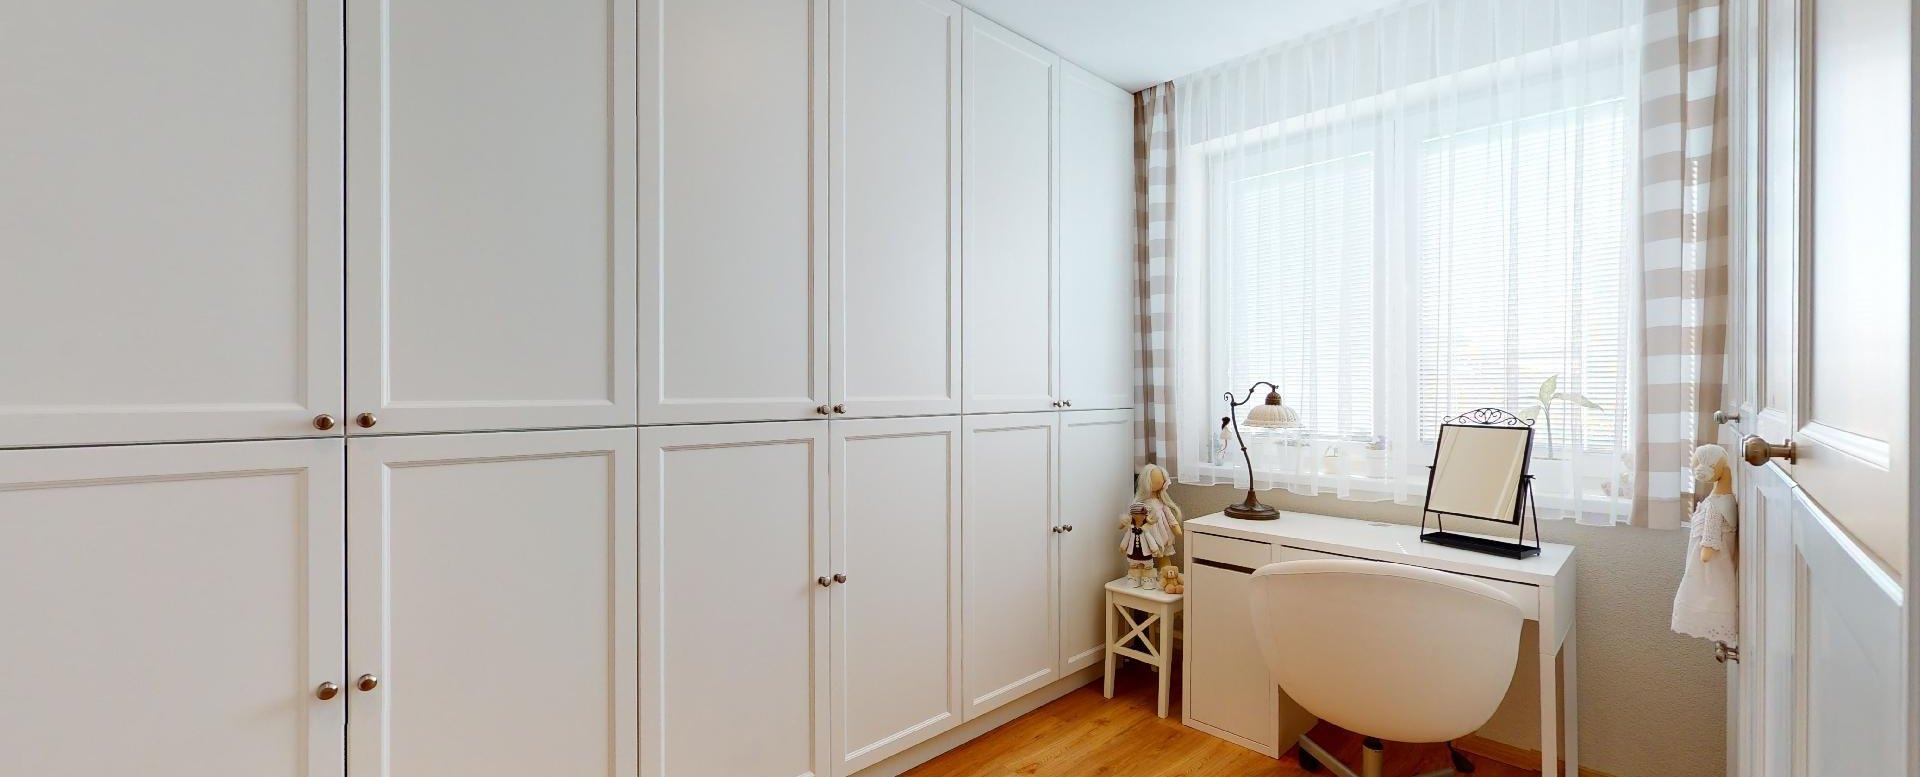 izba so vstavanými skriňami